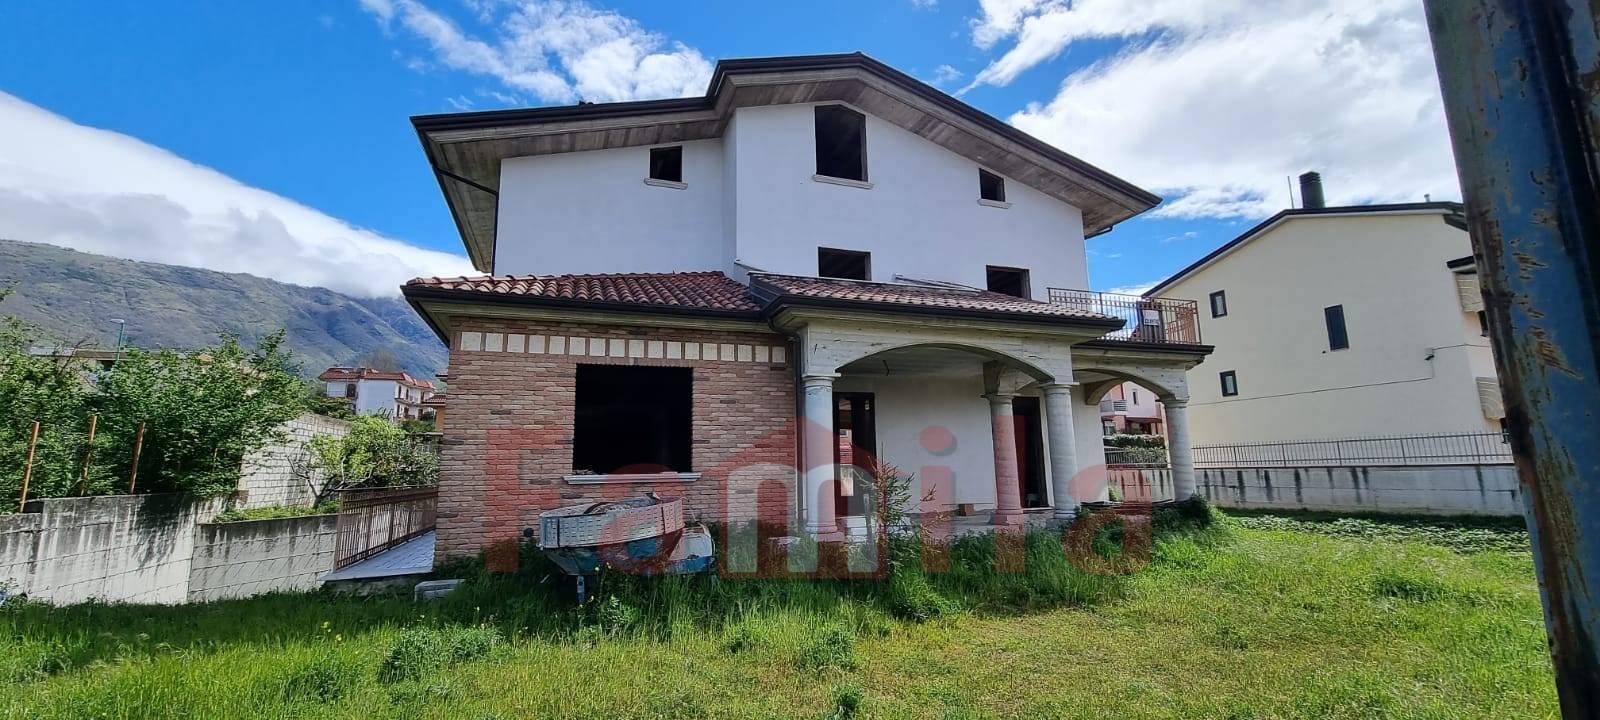 Soluzione Indipendente in vendita a Sirignano, 10 locali, Trattative riservate   CambioCasa.it